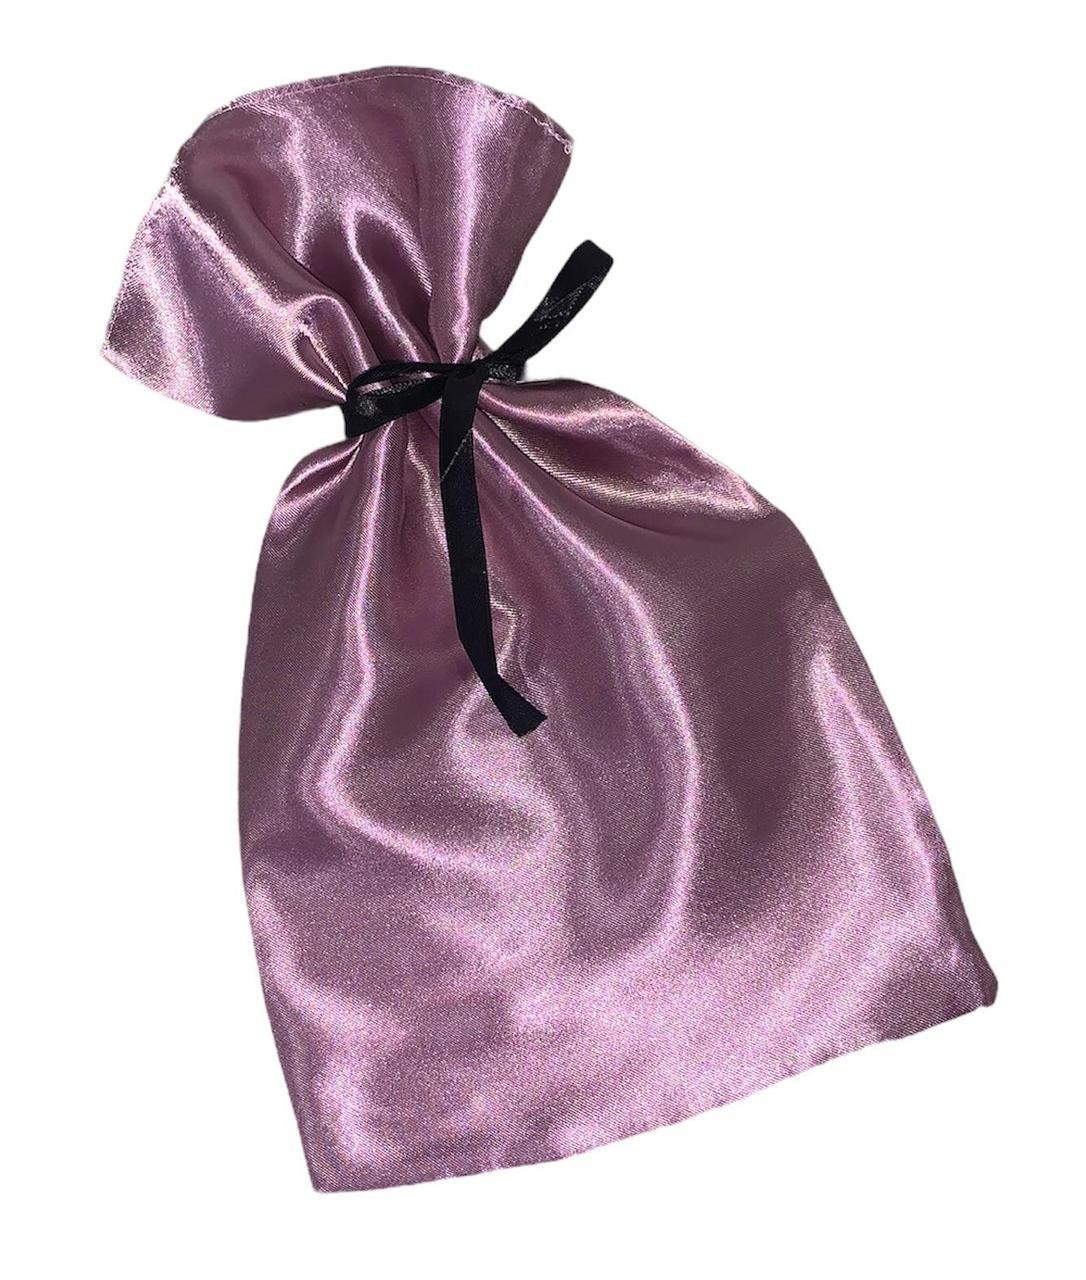 Подарочная упаковка, атласный мешочек.